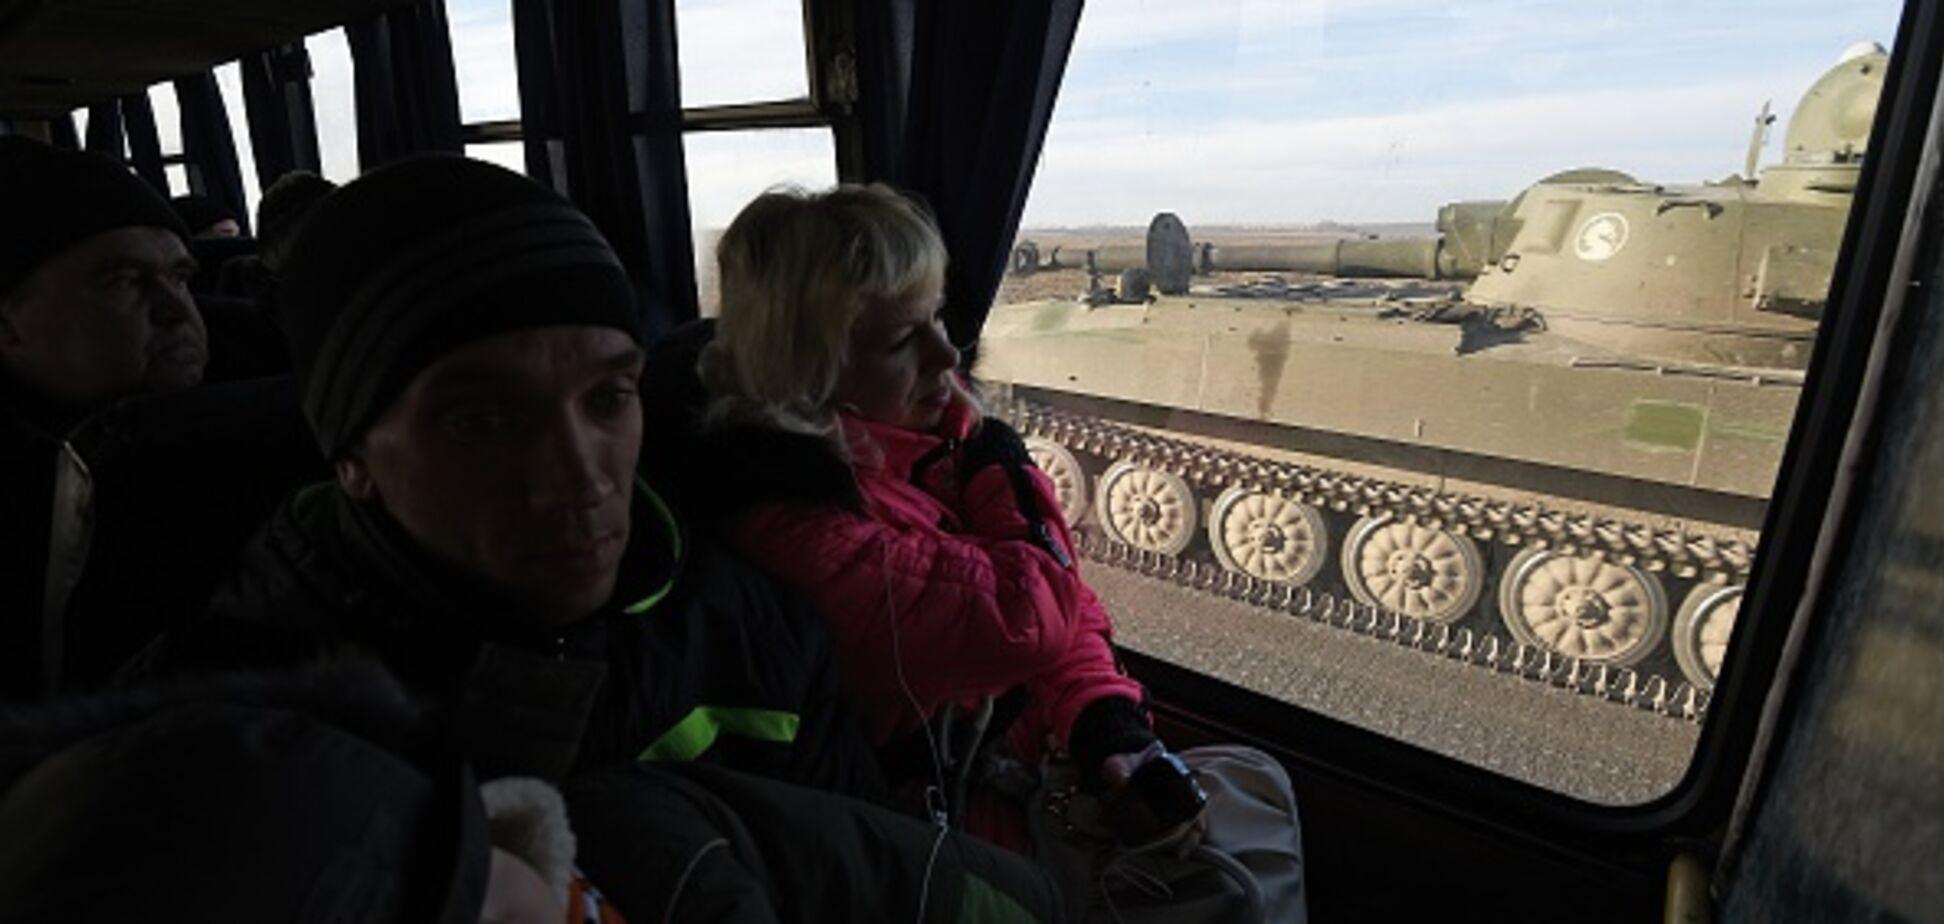 Паспорти РФ і українська мова: жителі звільнених сіл здивували ЗСУ